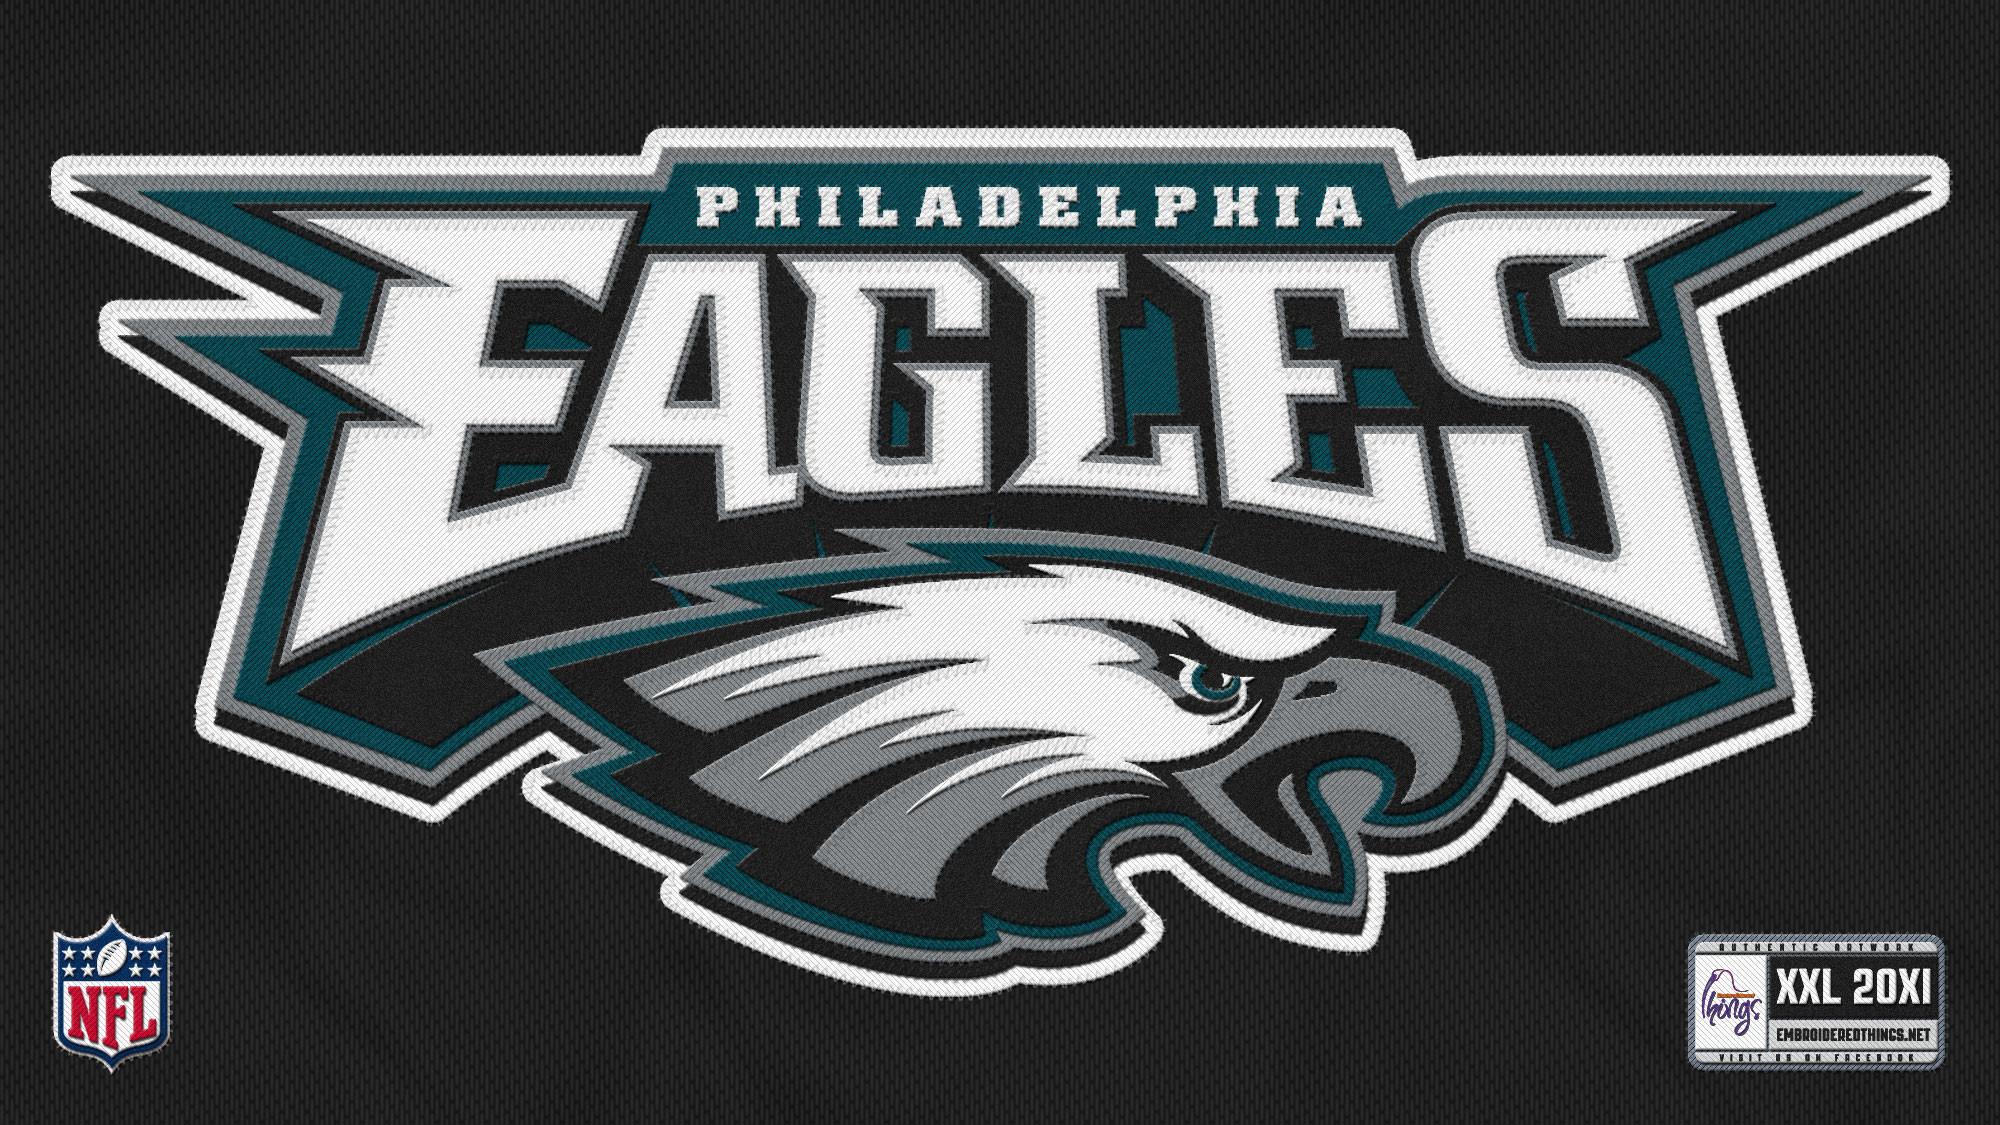 Res: 2000x1125, #234572762  px Philadelphia Eagles Desktop HD Images    Philadelphia Eagles Desktop HD Wallpapers Collection